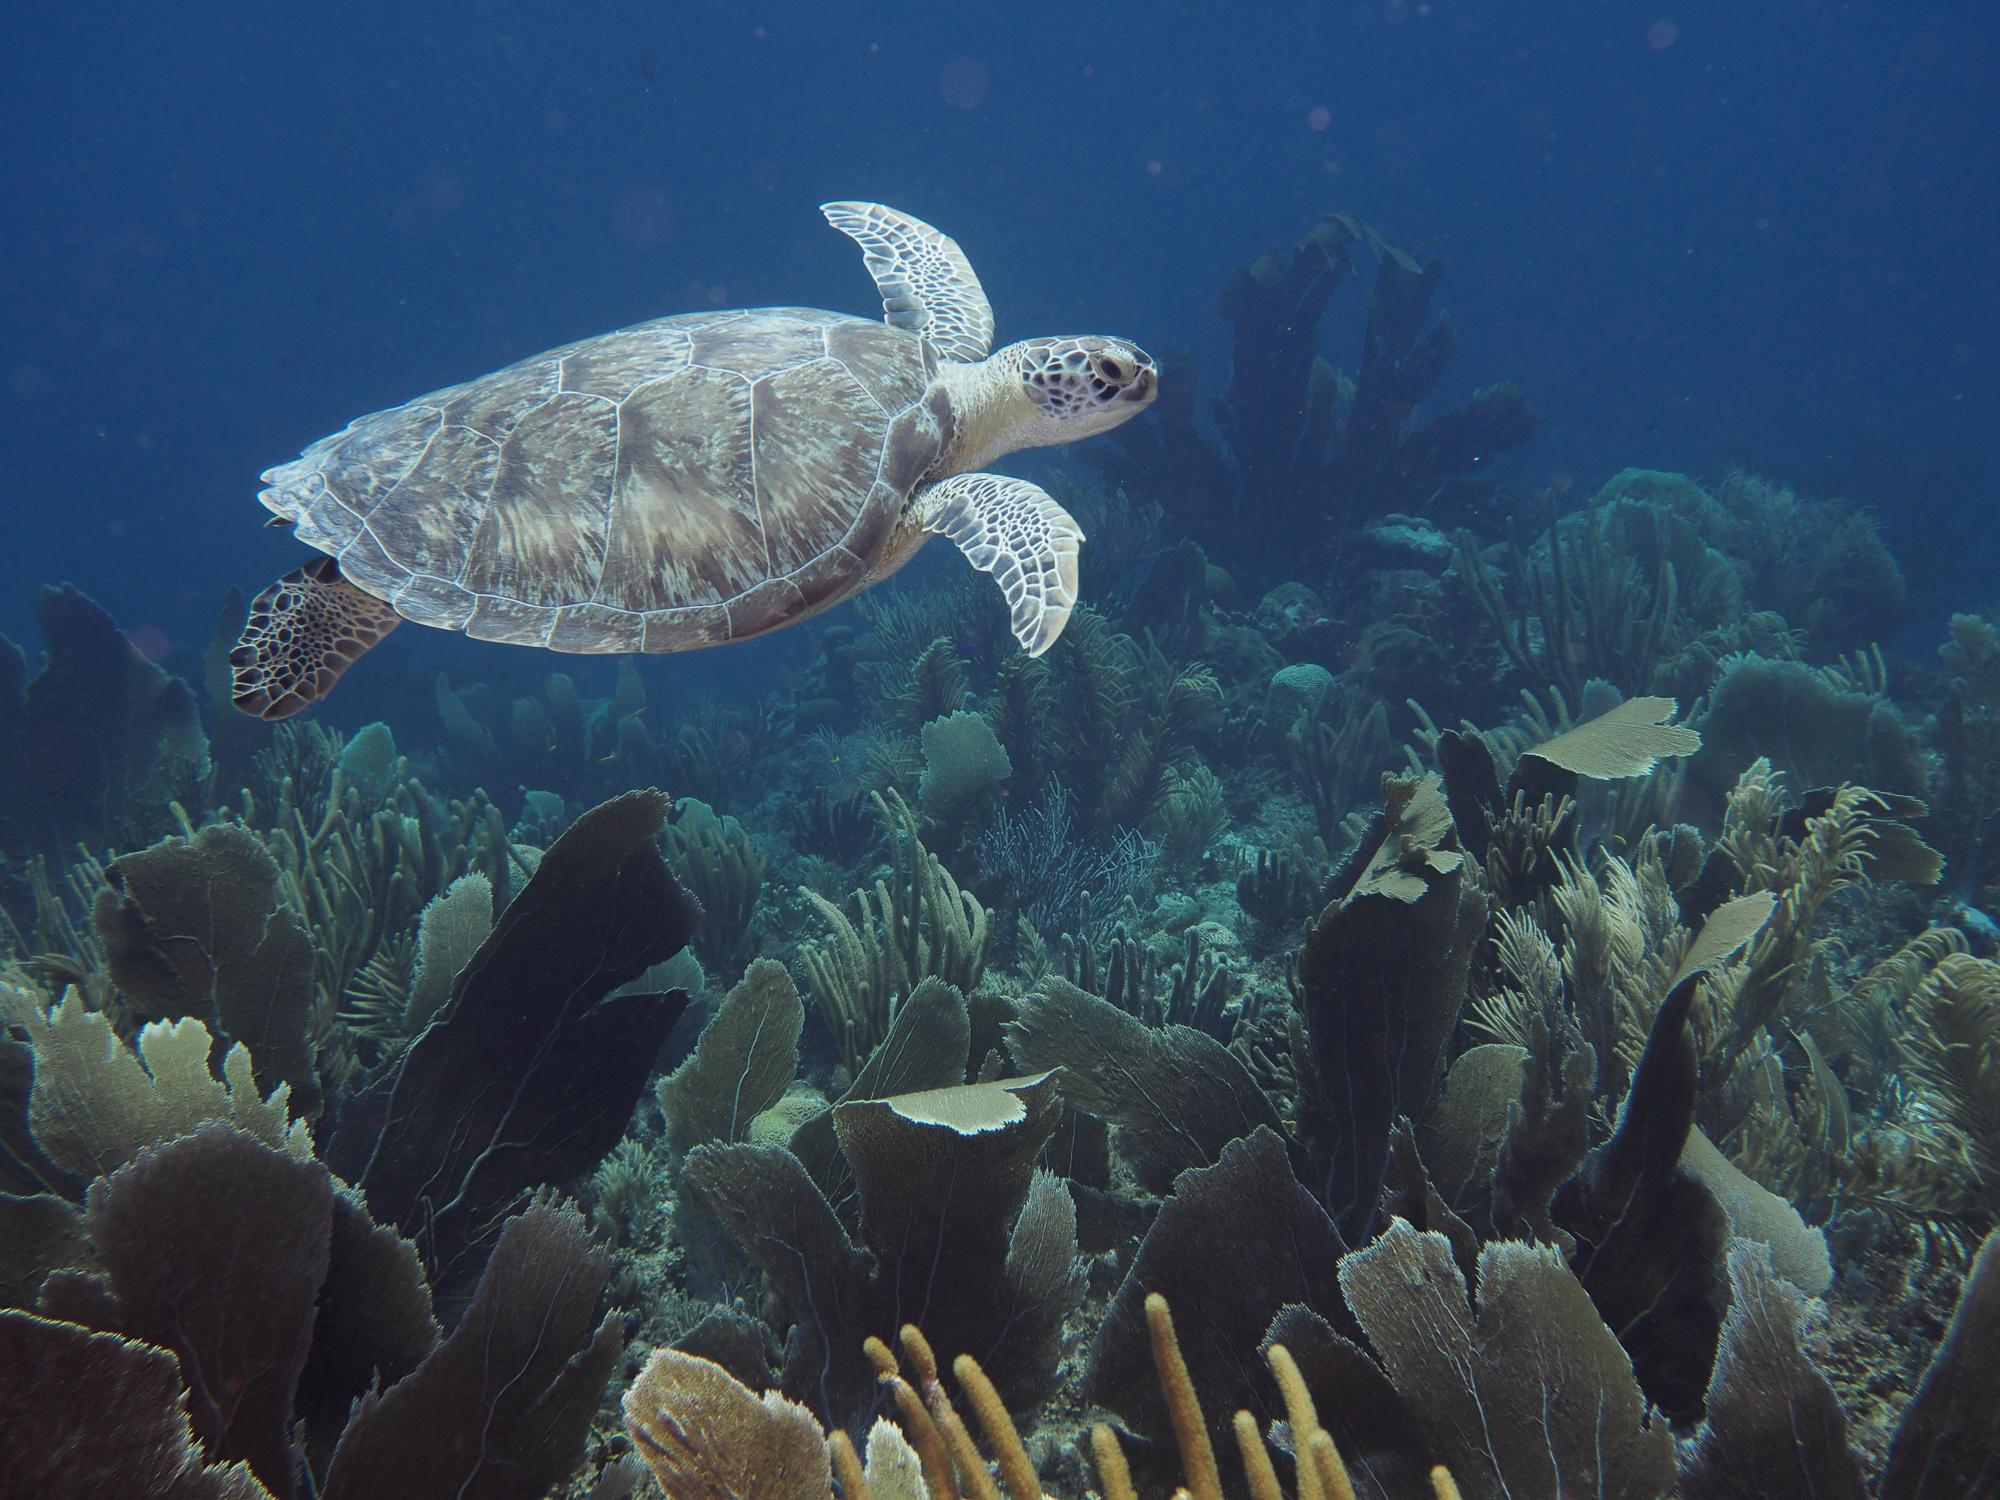 72 Aquatics Bonaire - Sep 25 - Oct 3, 2021